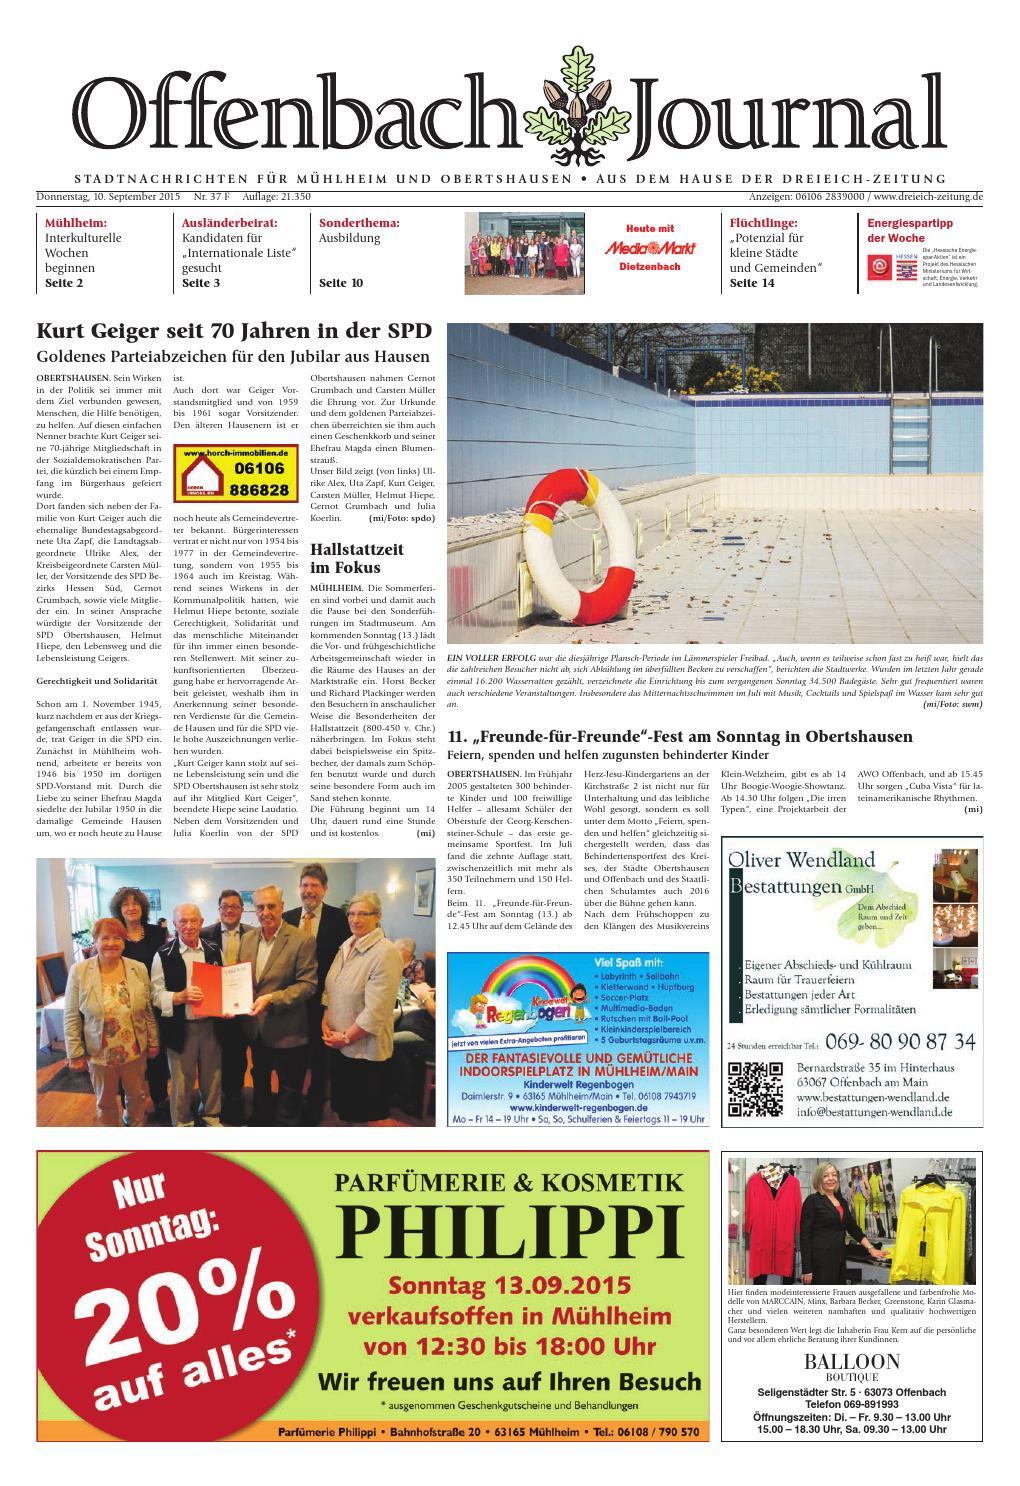 Dz Online 037 15 F By Dreieich Zeitung/Offenbach Journal   Issuu